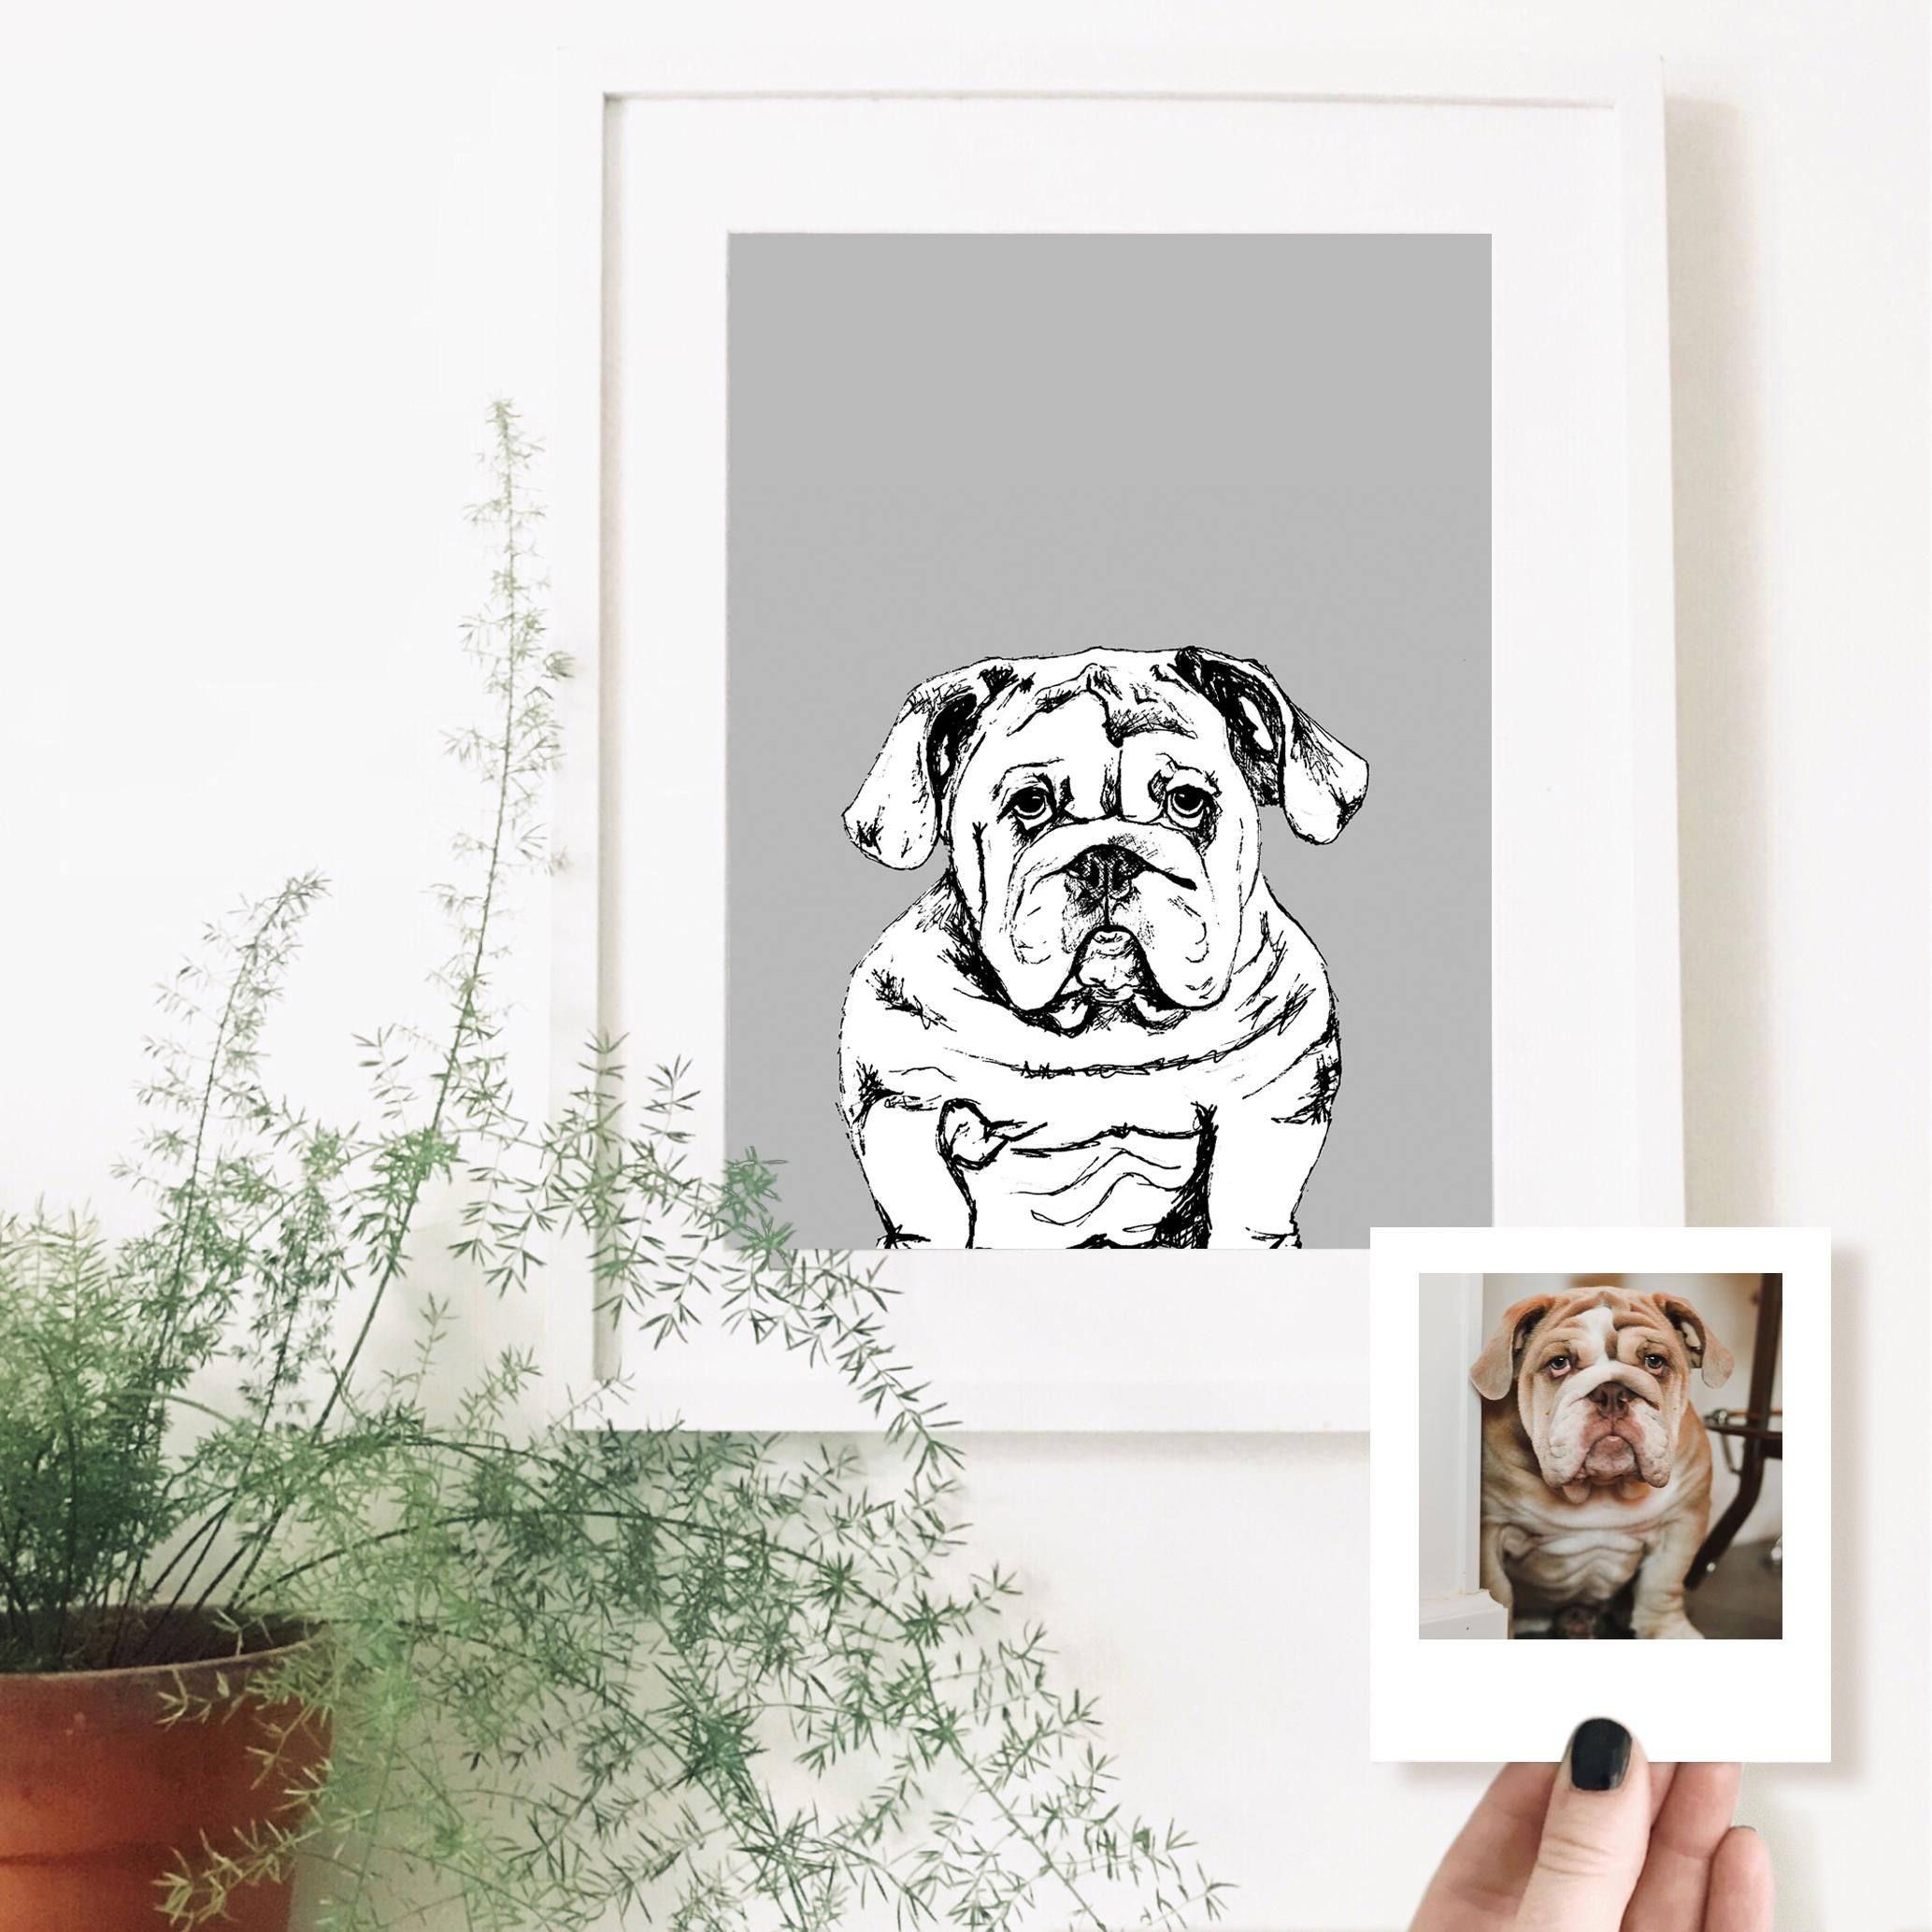 bulldog-dog-pet-portrait-drawing.jpg